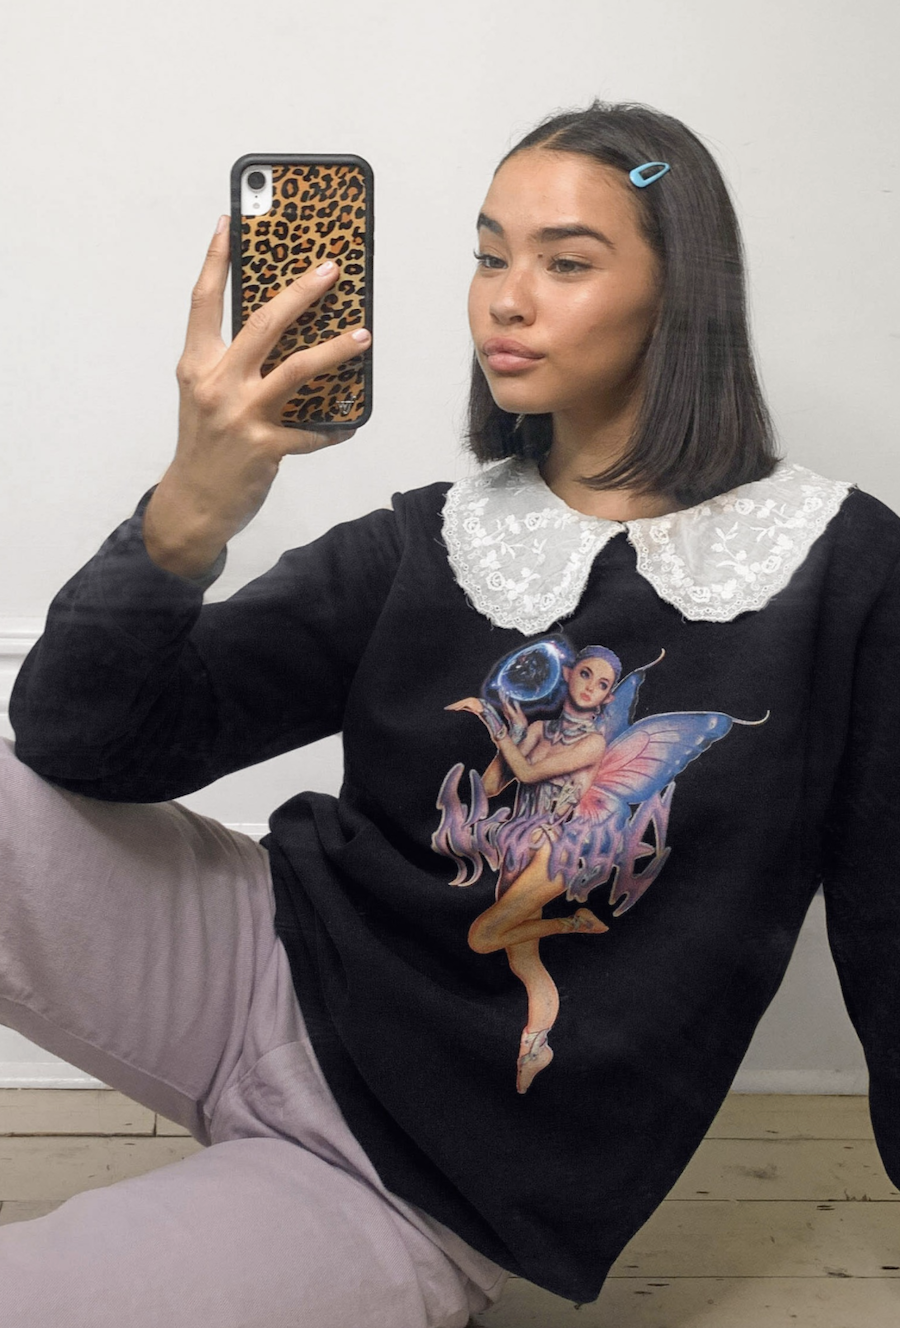 Sudadera extragrande con cuello extragrande de encaje y gráfico de hada de New Girl Order